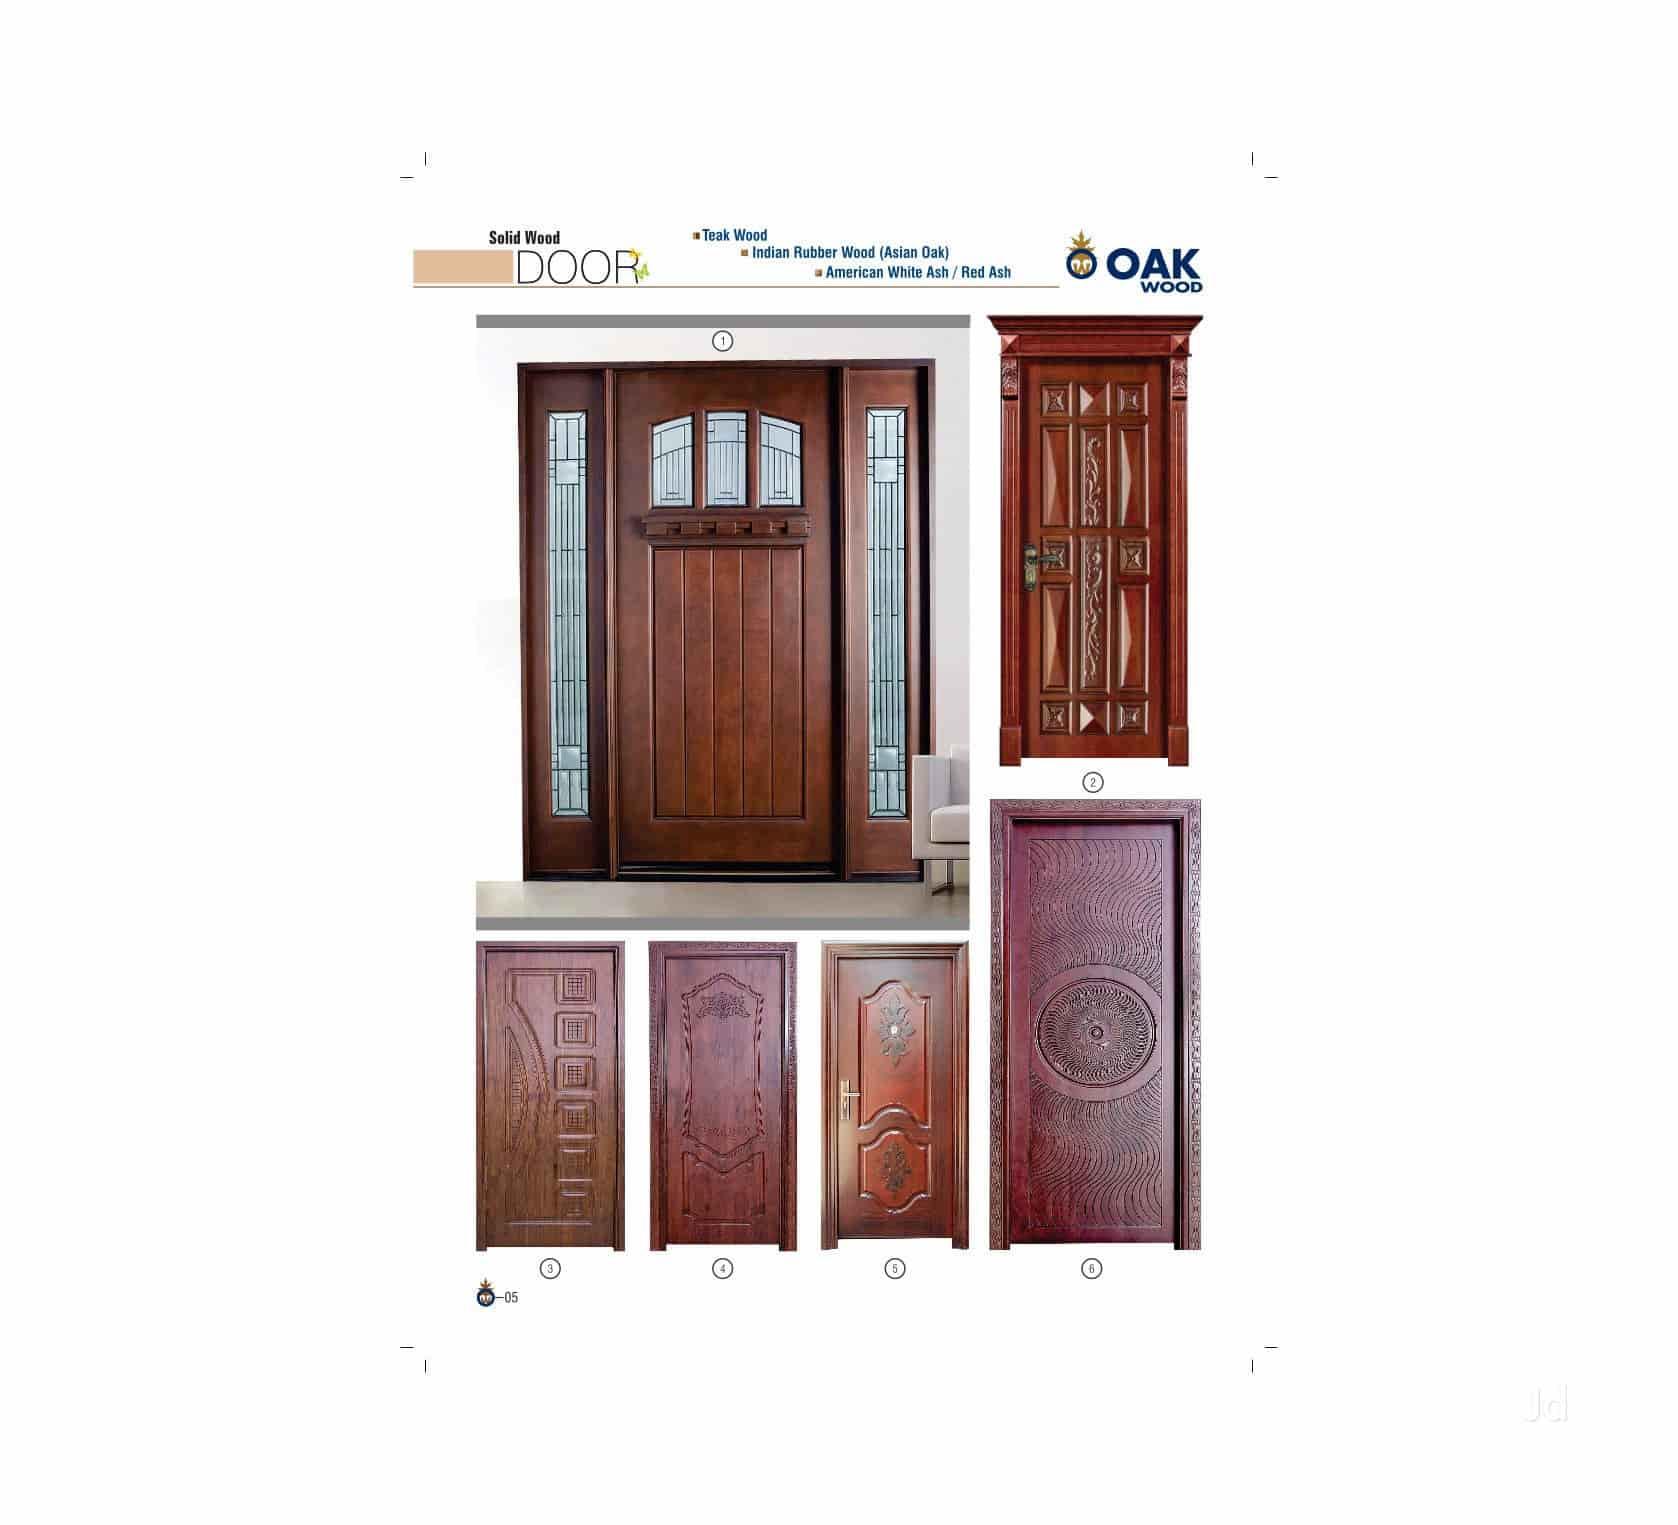 Oakwood Doors u0026 Interio Nangloi - Wooden Door Manufacturers in Delhi - Justdial  sc 1 st  Justdial & Oakwood Doors u0026 Interio Nangloi - Wooden Door Manufacturers in ... pezcame.com